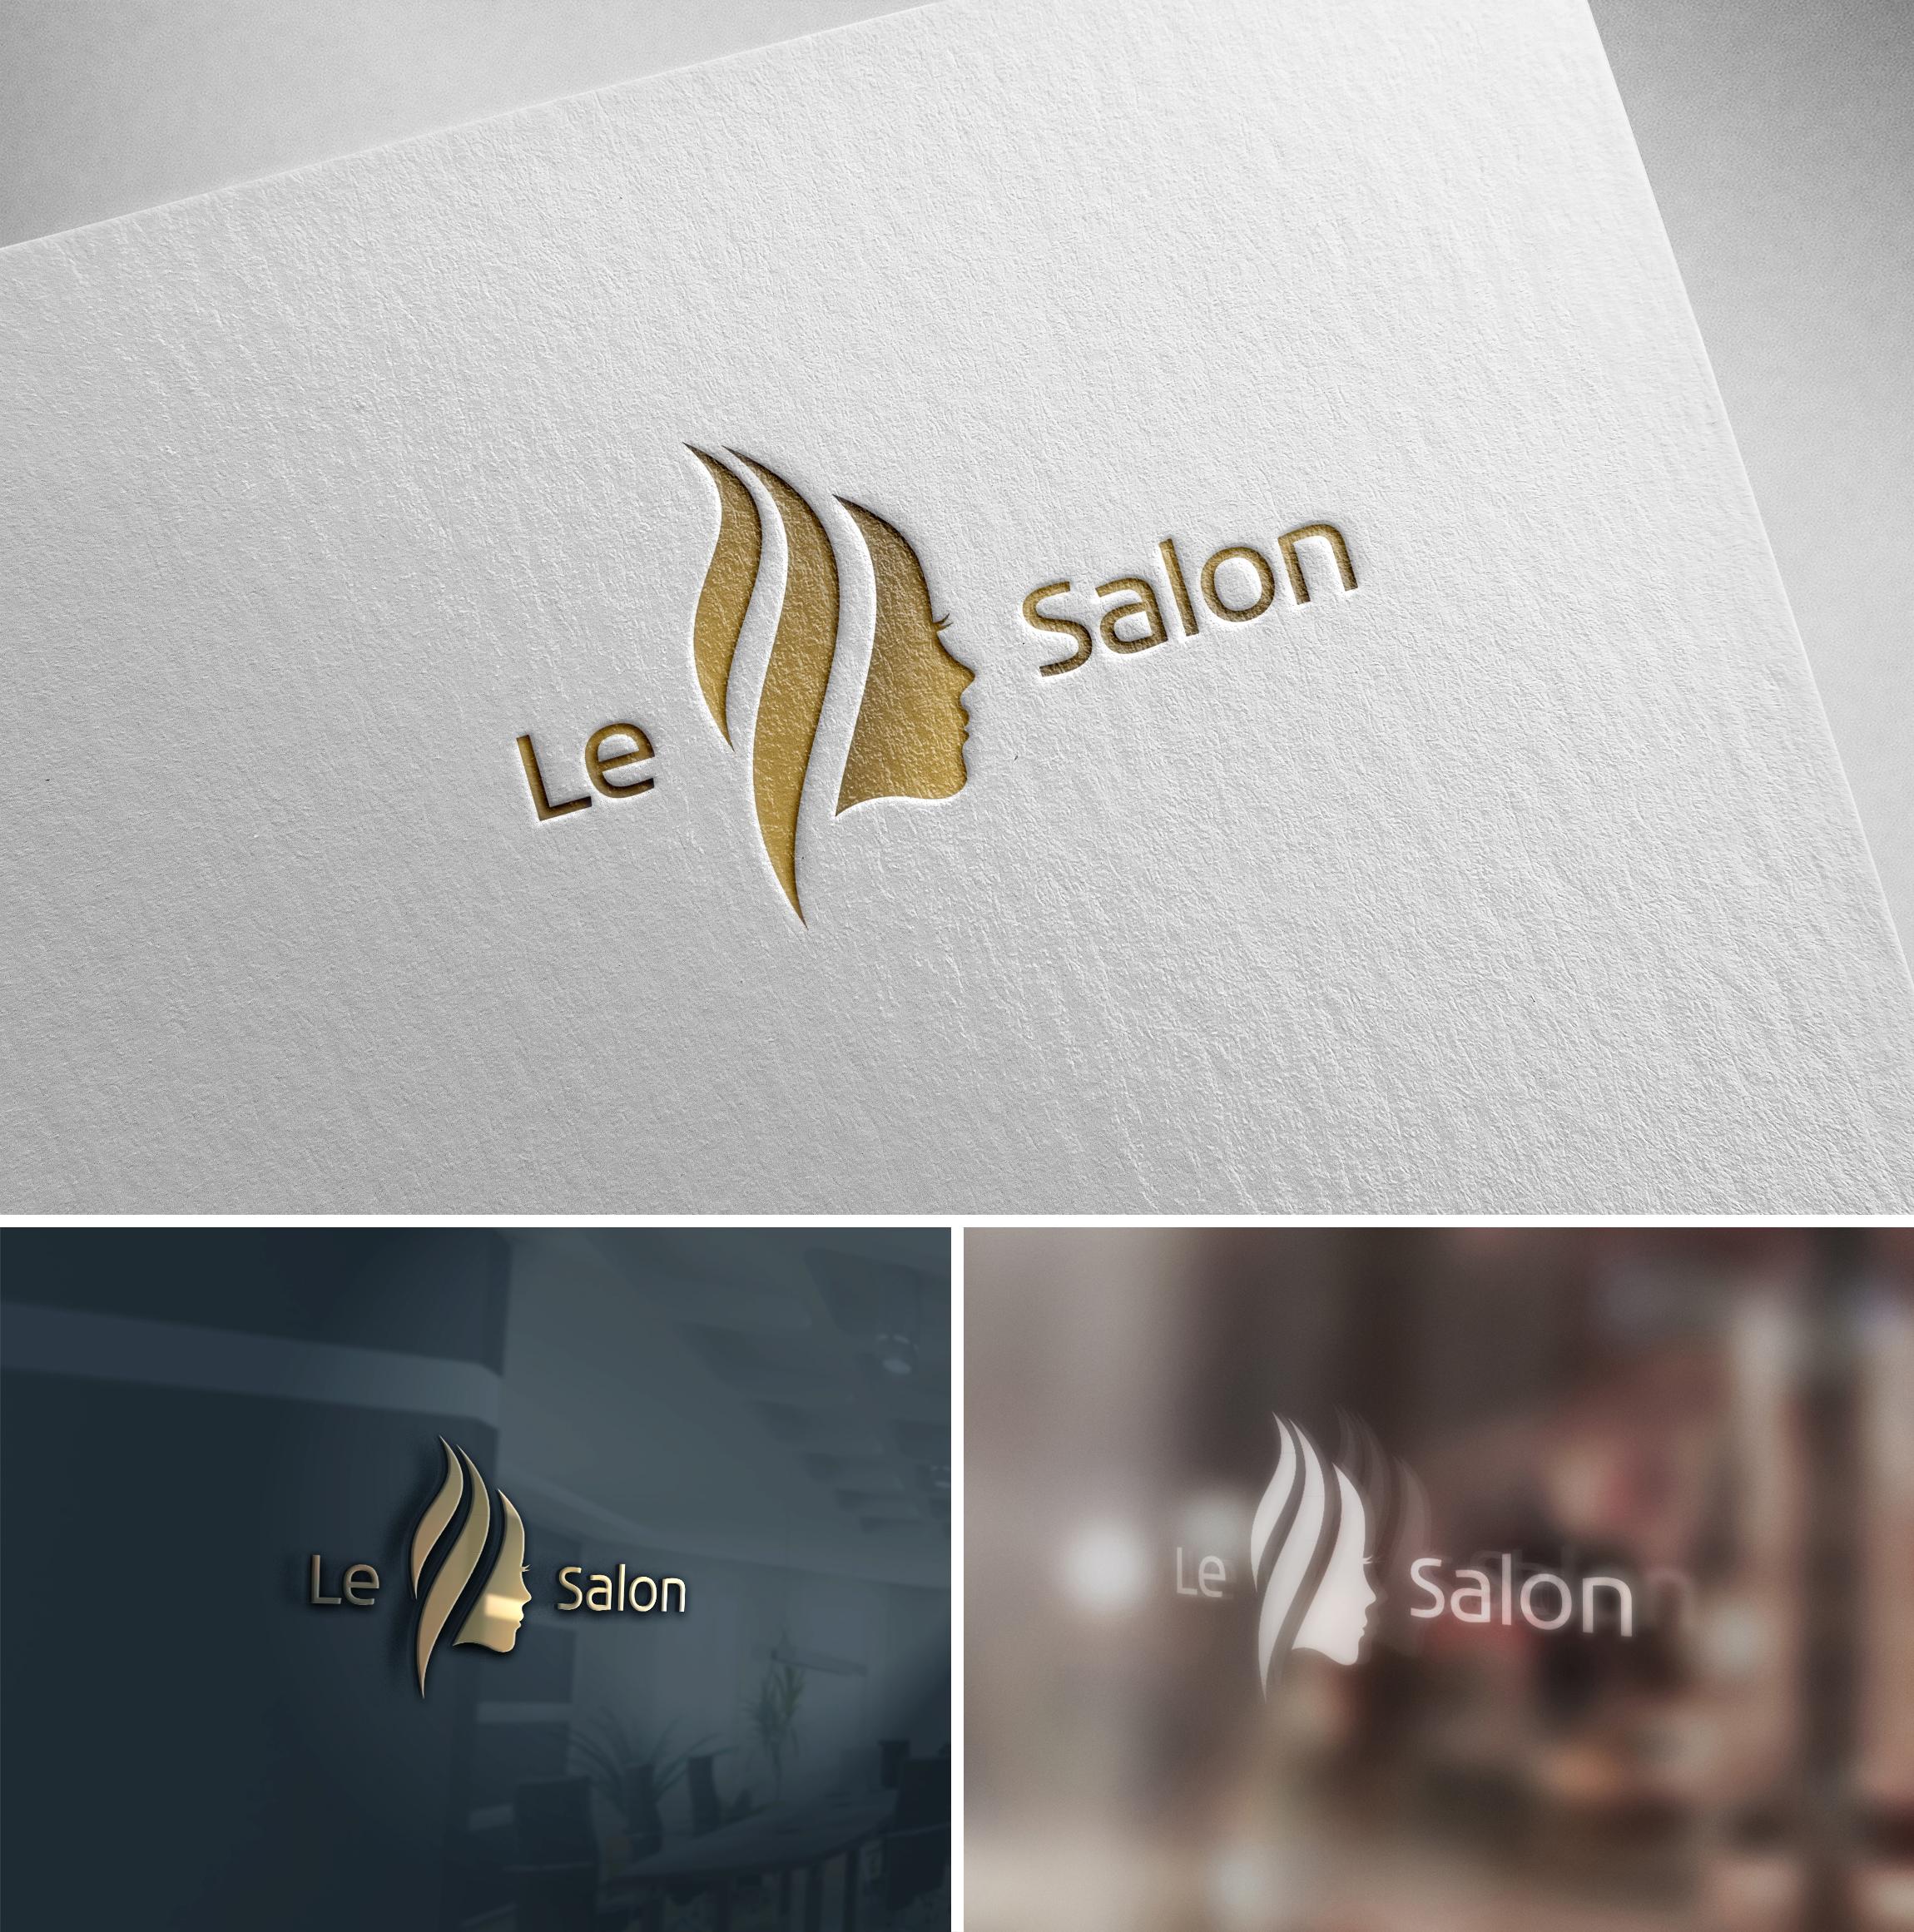 Kosmetik Und Friseur Institut Sucht Logo Design Logo